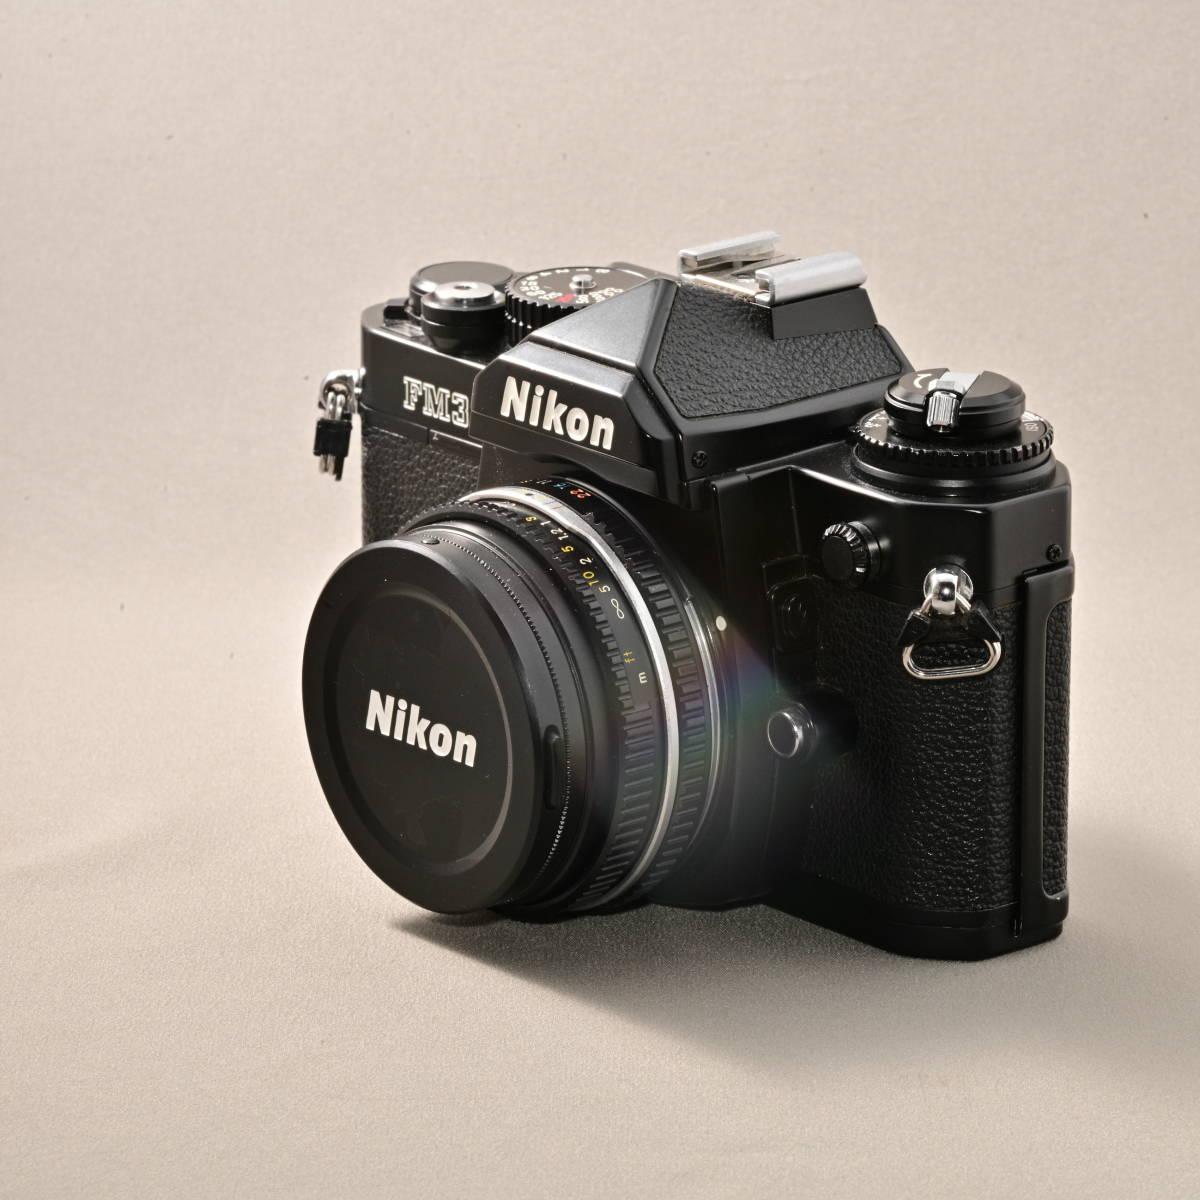 ニコン NIKON FM3A + NIKKOR 45mm F2.8P_画像4